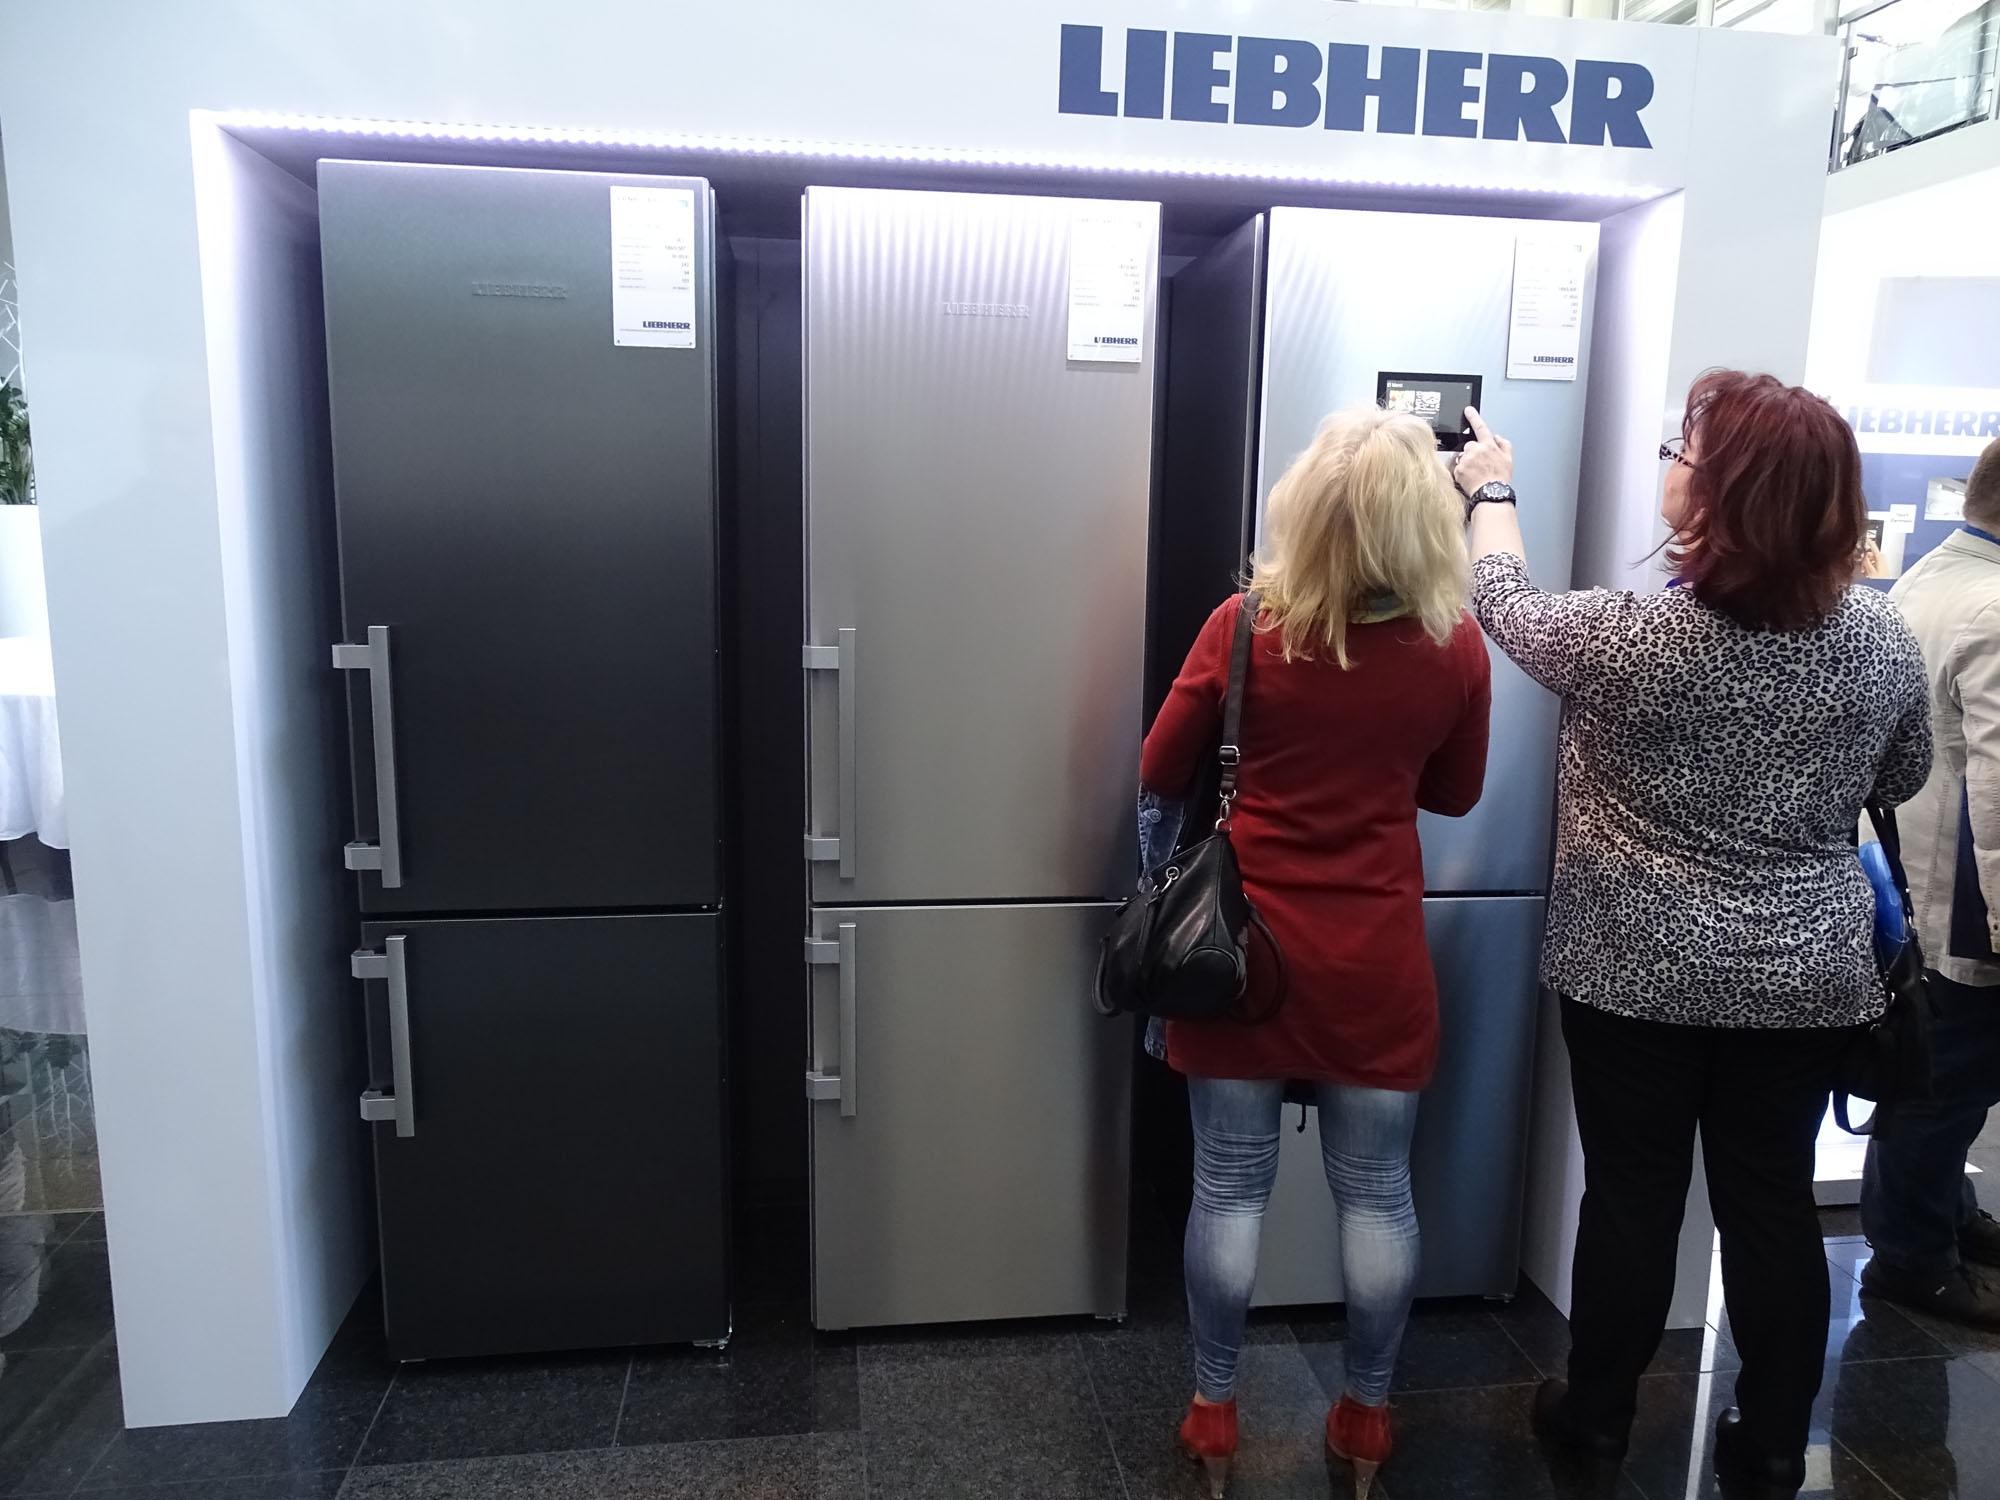 Liebherr Kühlschrank Edelstahl : Die neuen blu kühlschränke von liebherr in der hersbrucker dauphin